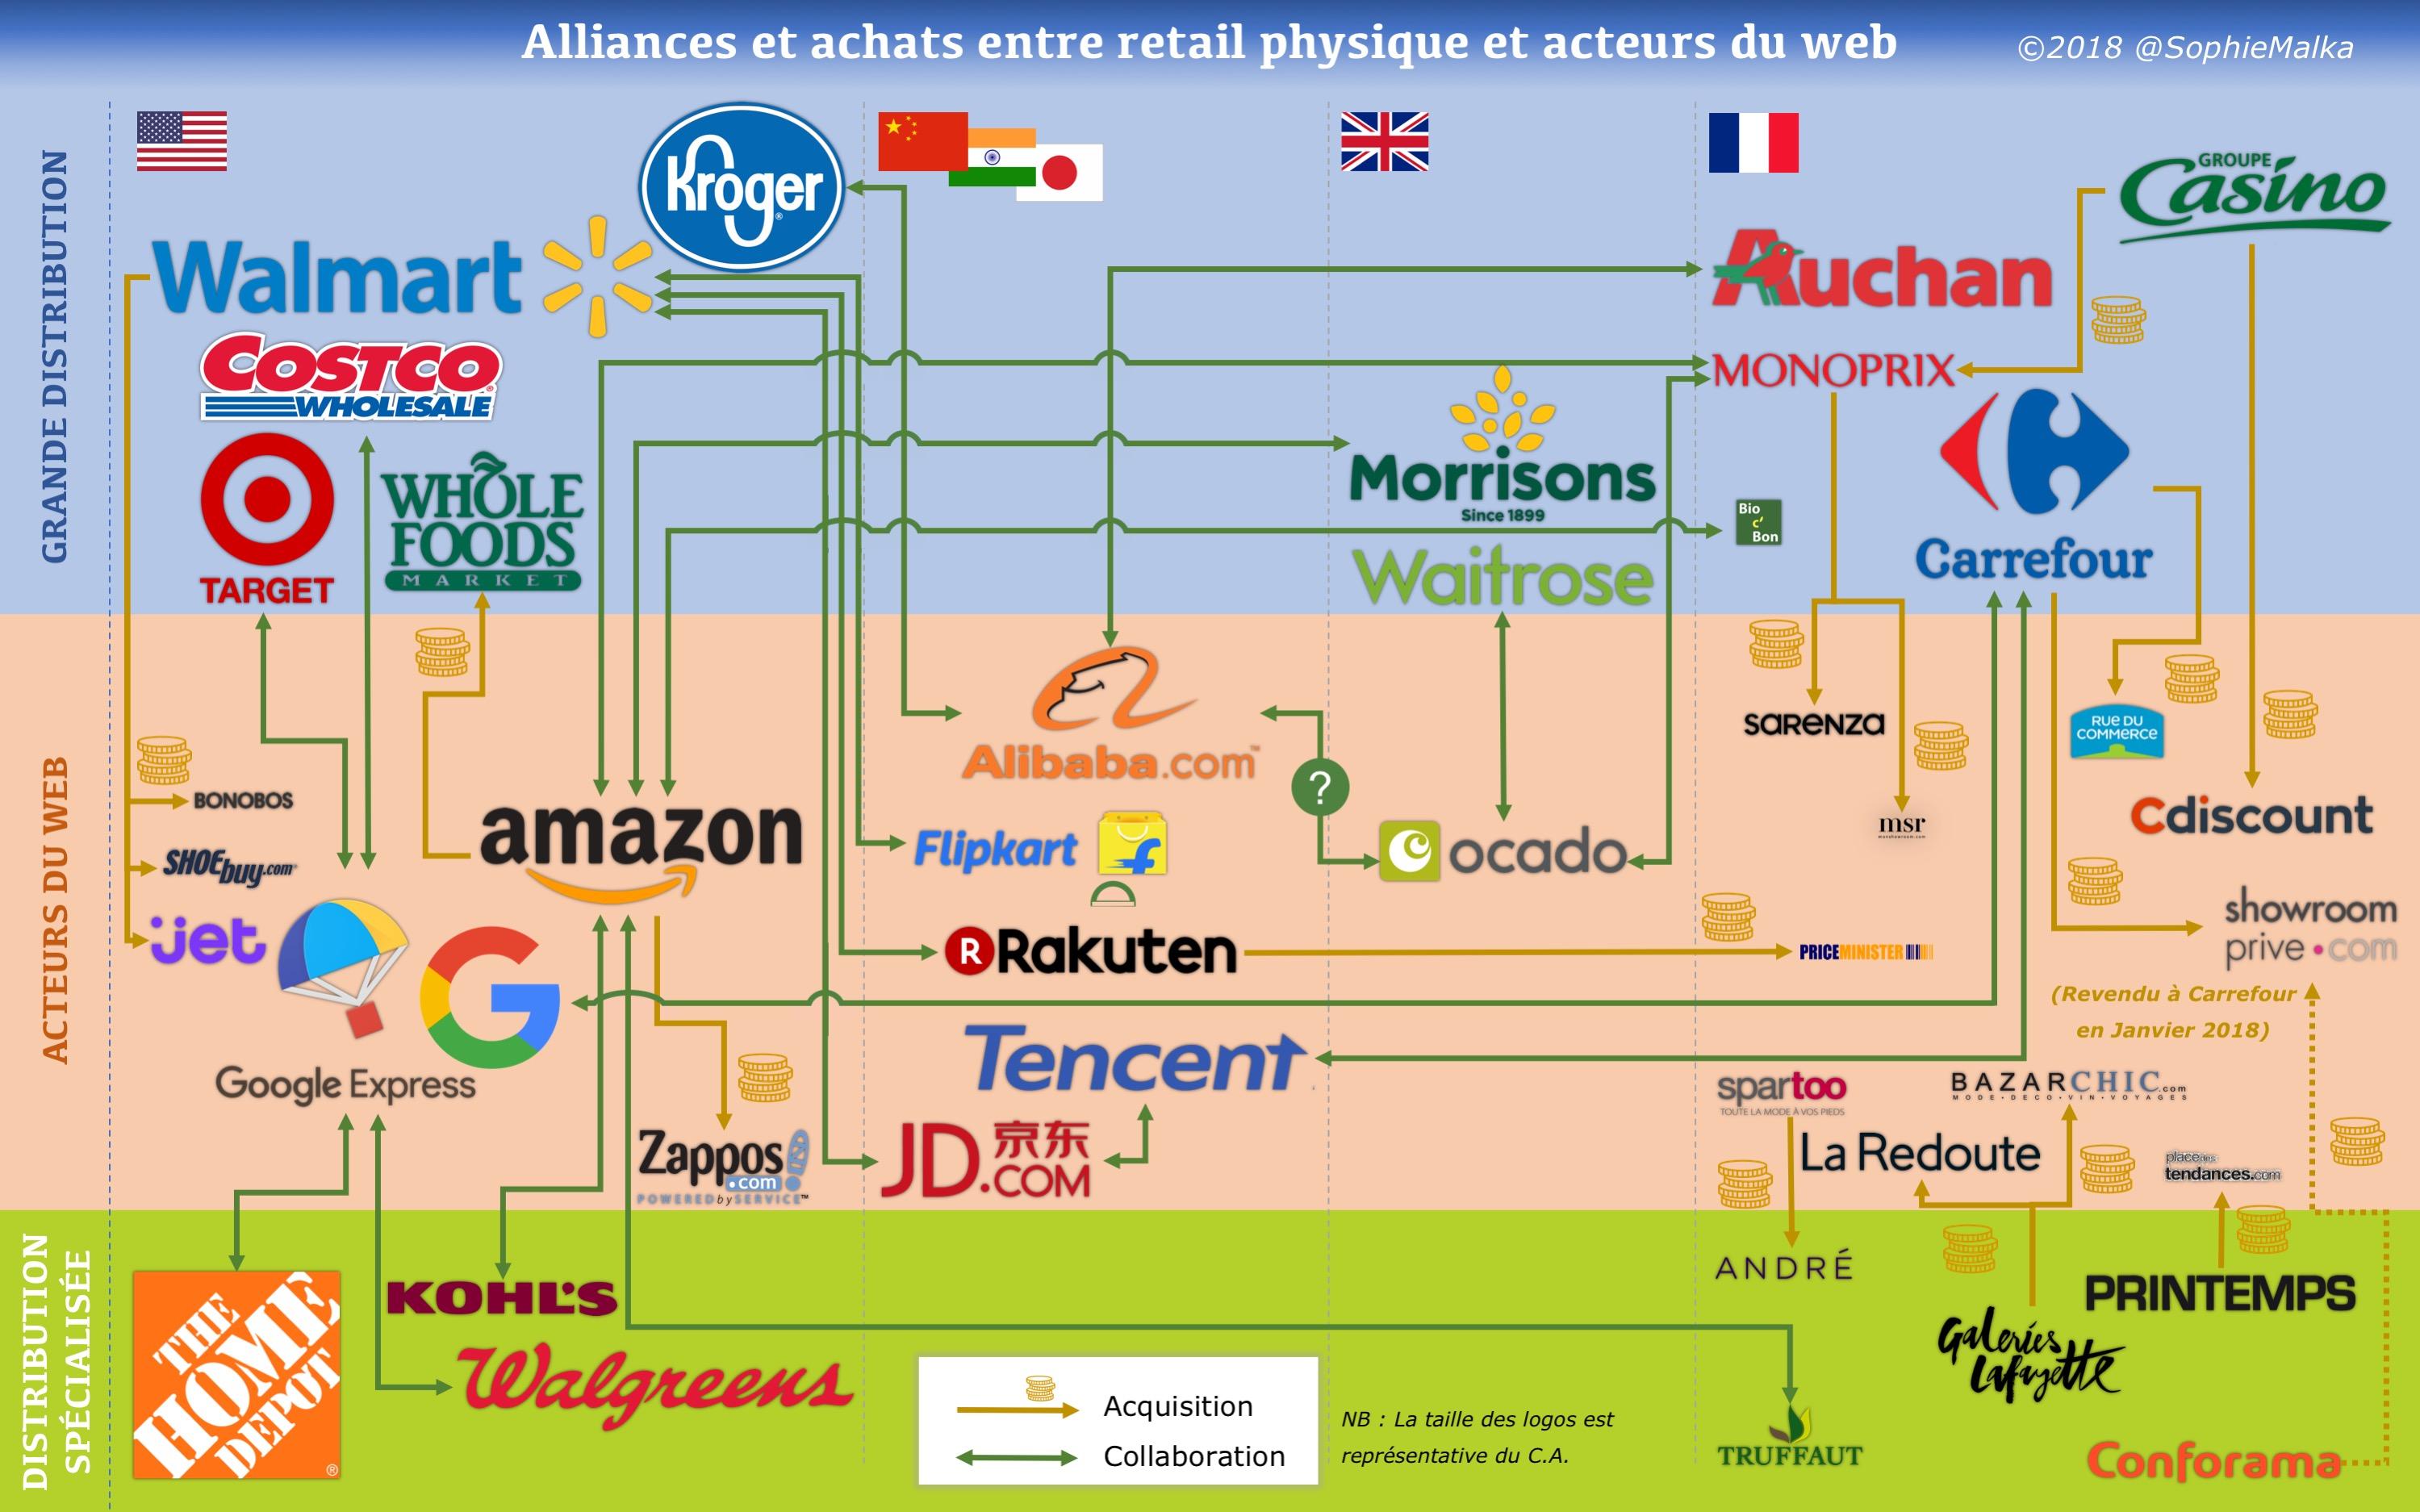 Alliances & achats entre acteurs du web et retail physique